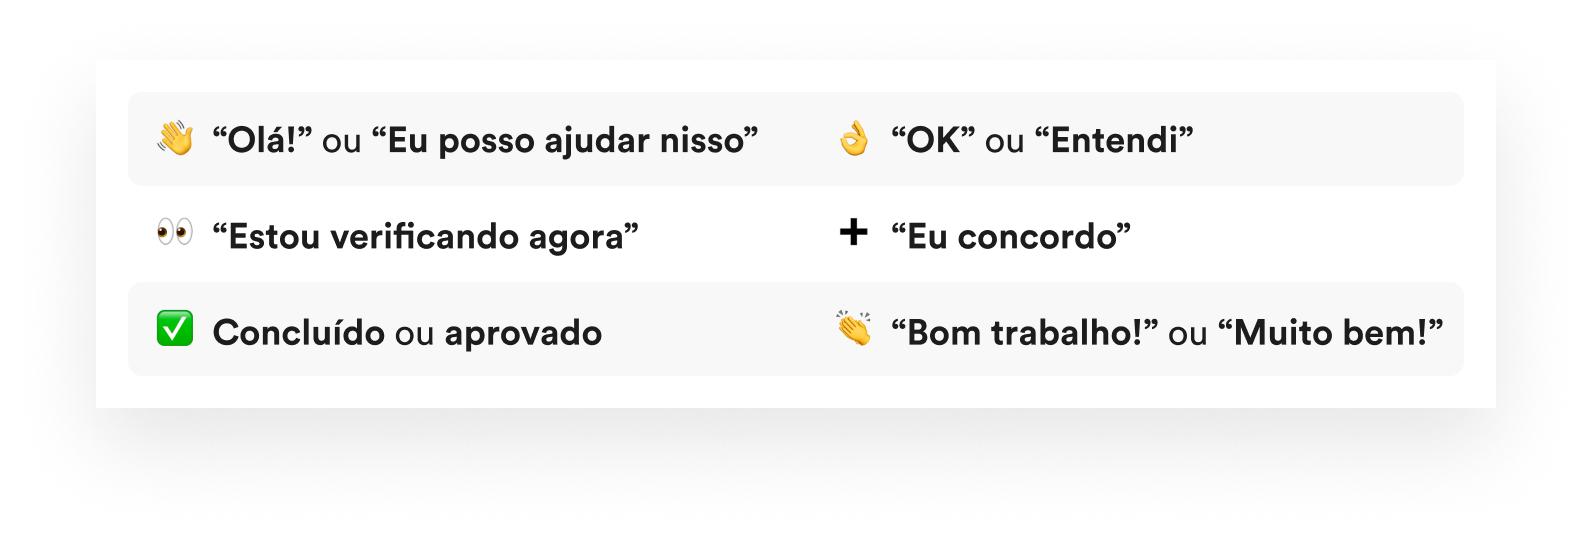 Exemplo de emojis comuns no Slack e seus significados